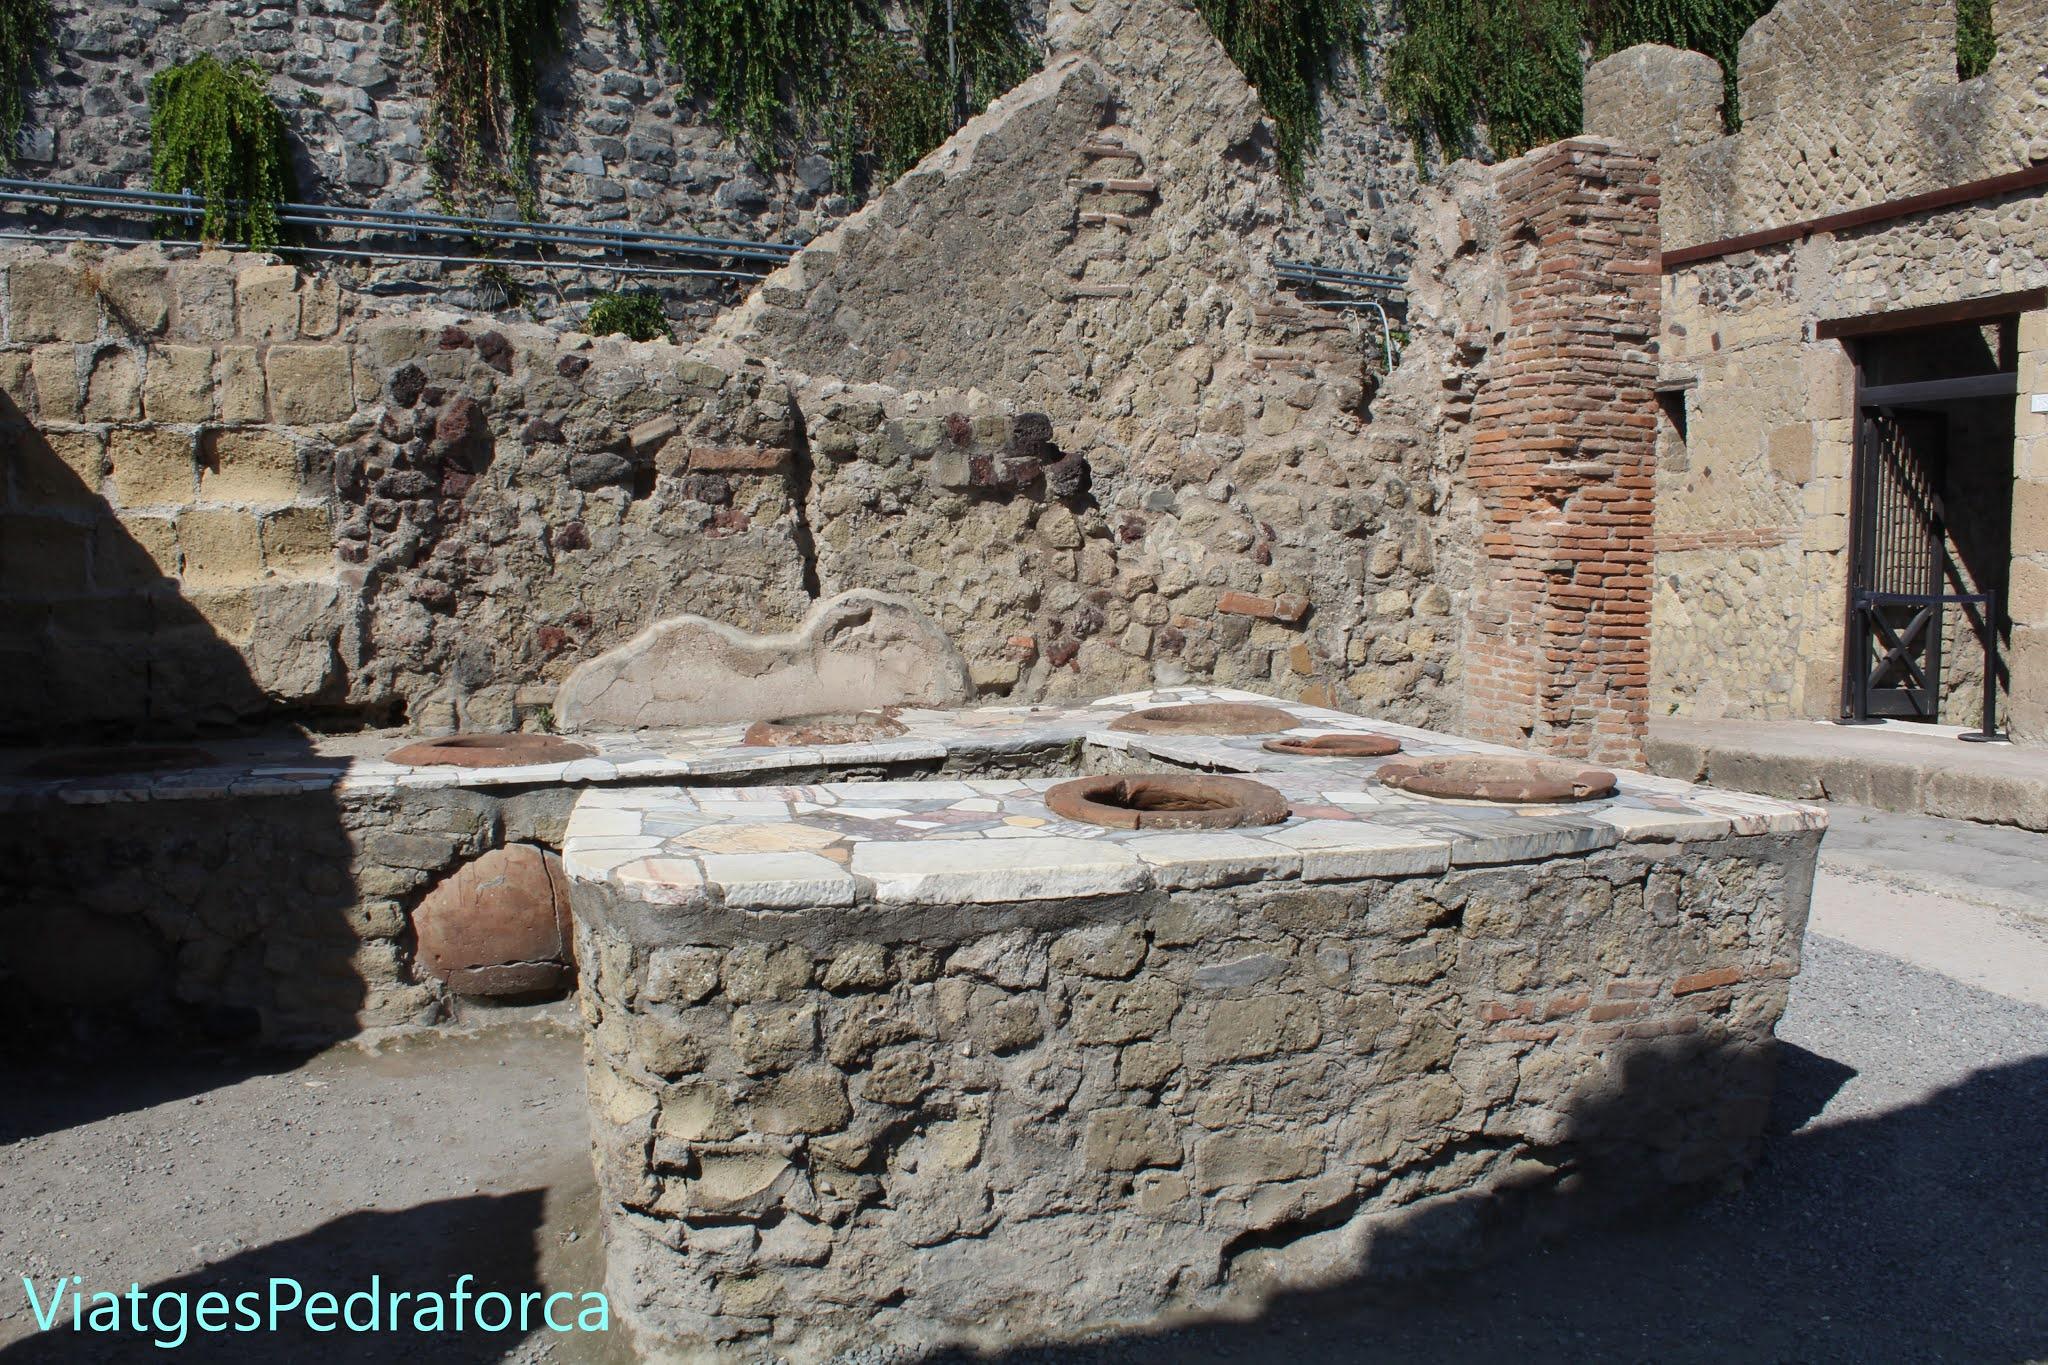 Arqueologia, Campània, Itàlia, Patrimoni de la Humanitat, Ercolano, Unesco Heritage